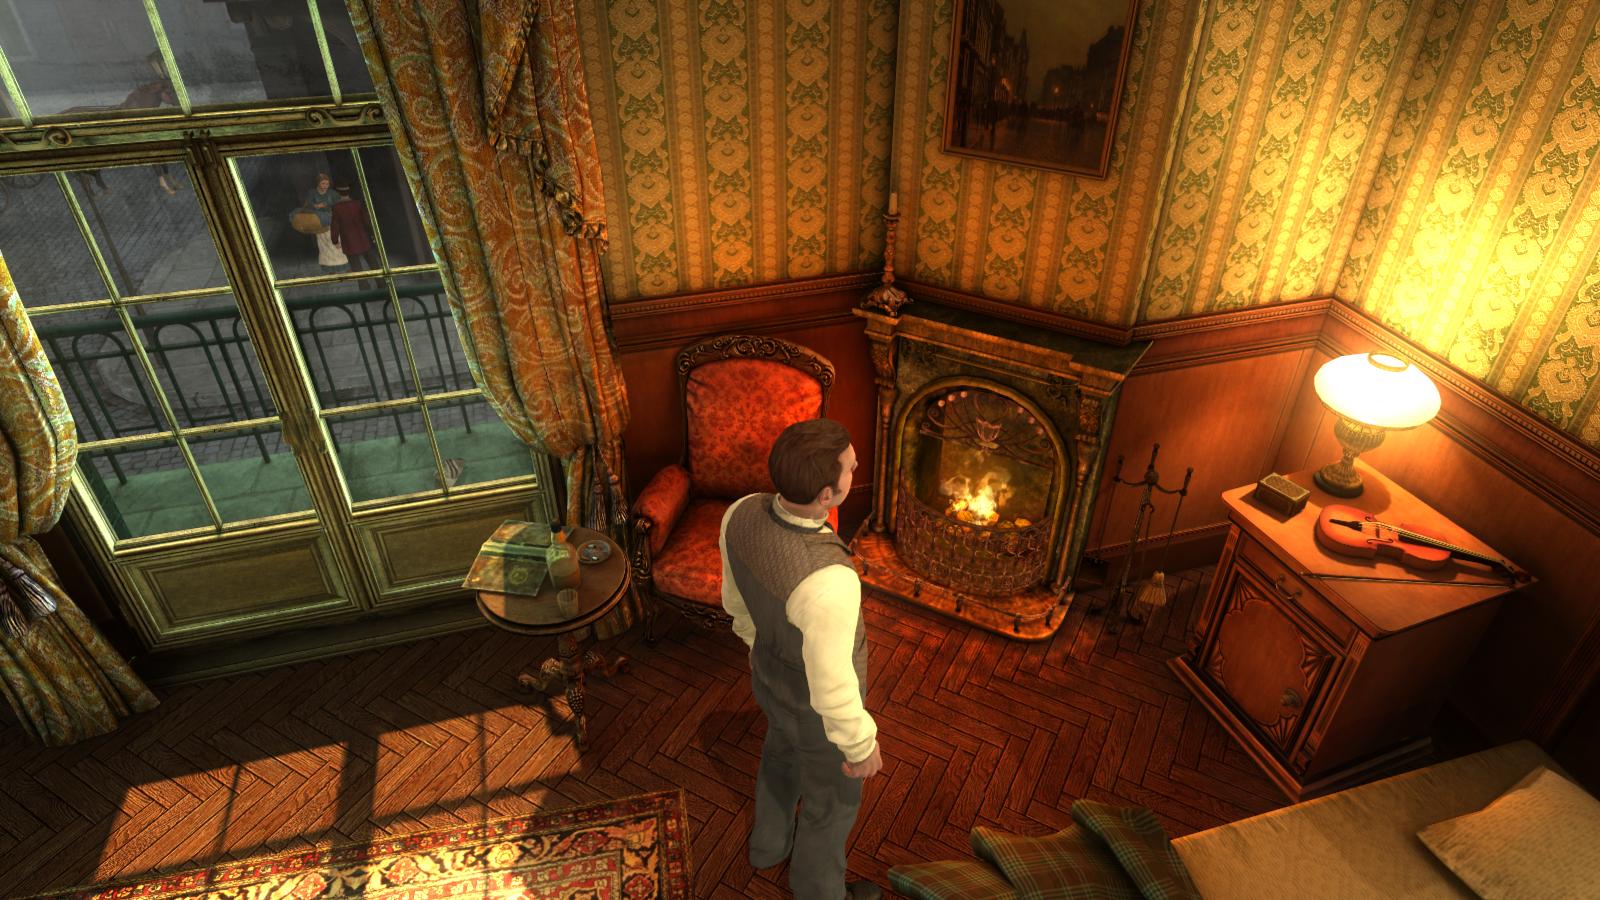 Игра детектив шерлок холмс